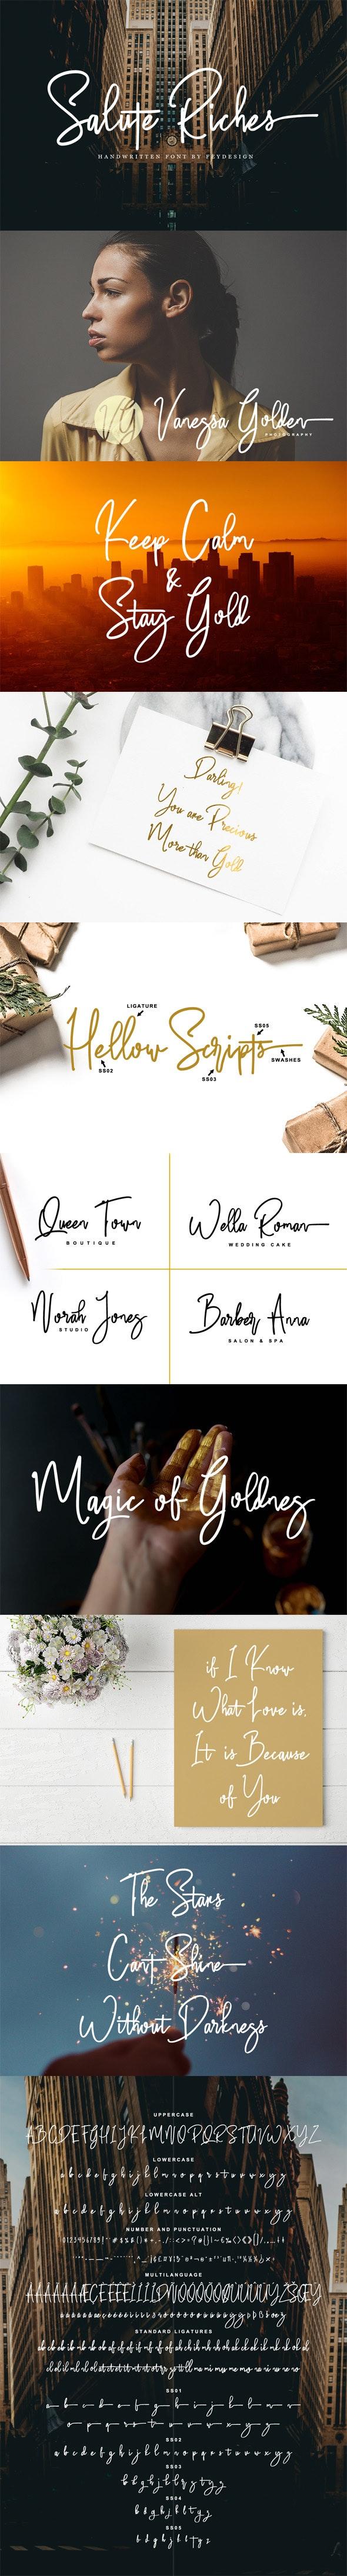 Salute Riches - Handwritten Font - Hand-writing Script